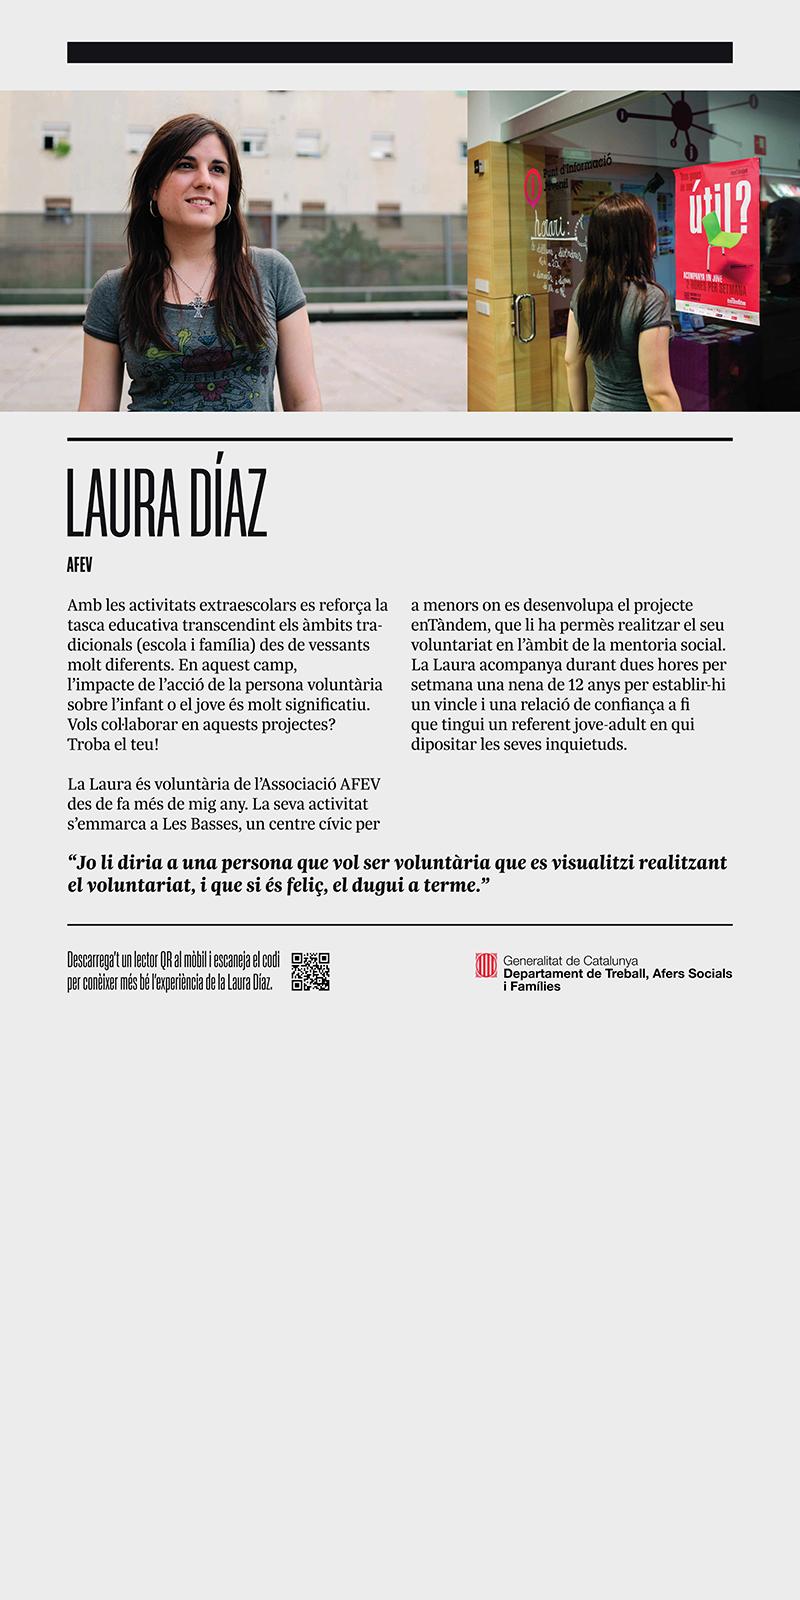 05-Laura-Díaz-Afev